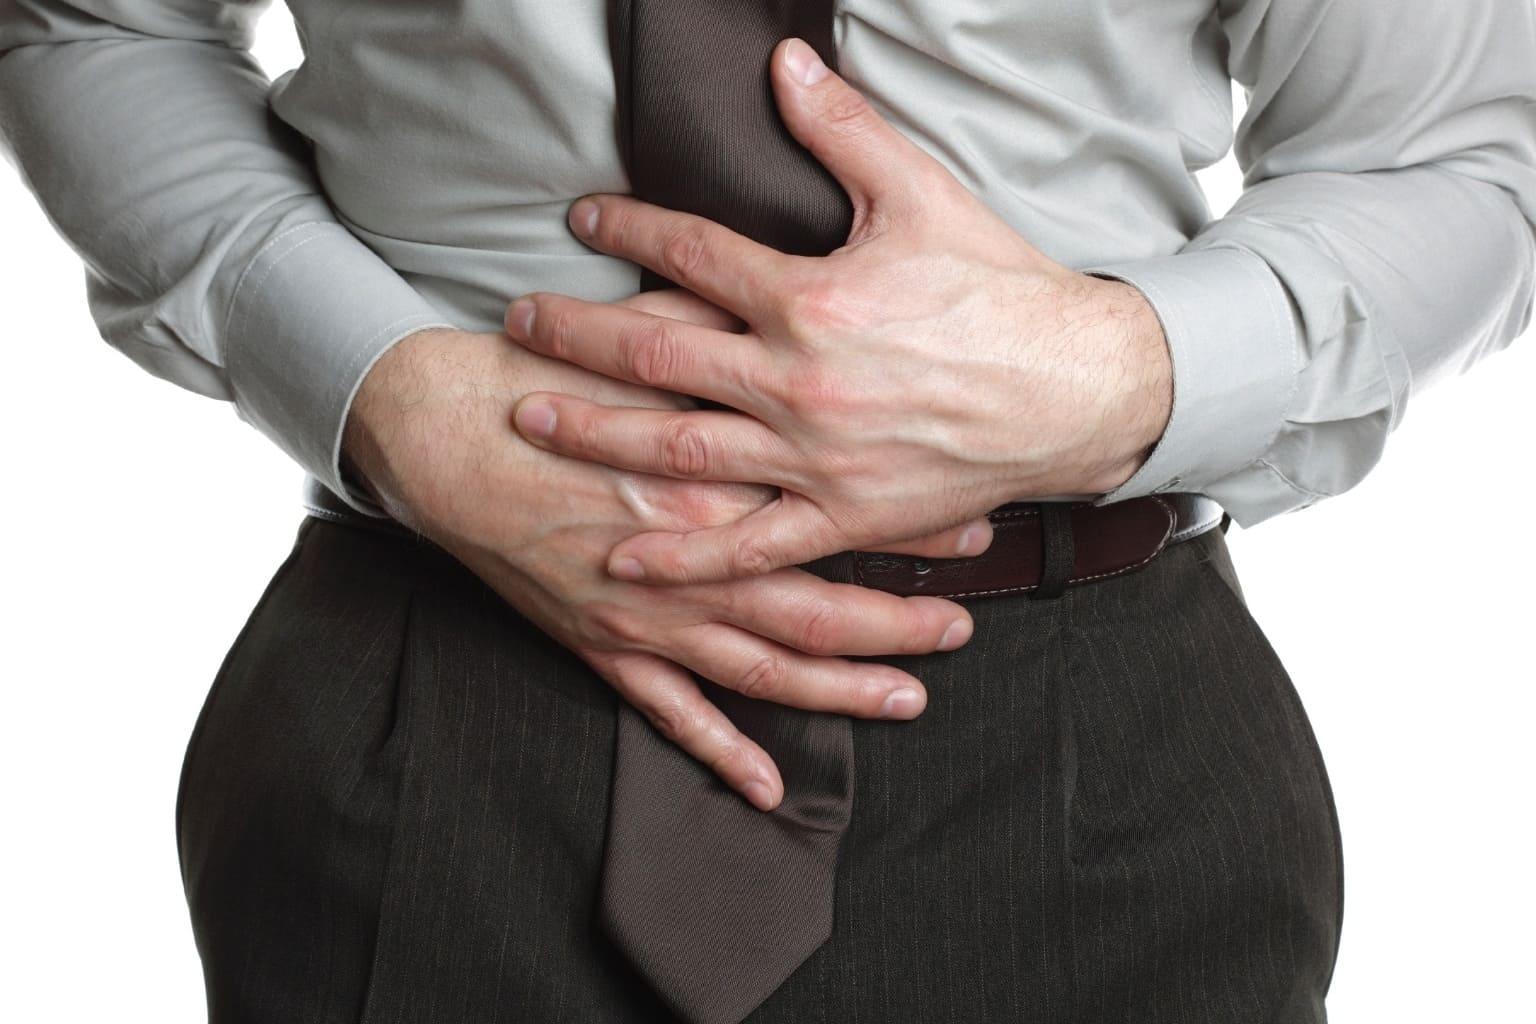 como soltar o intestino: capa